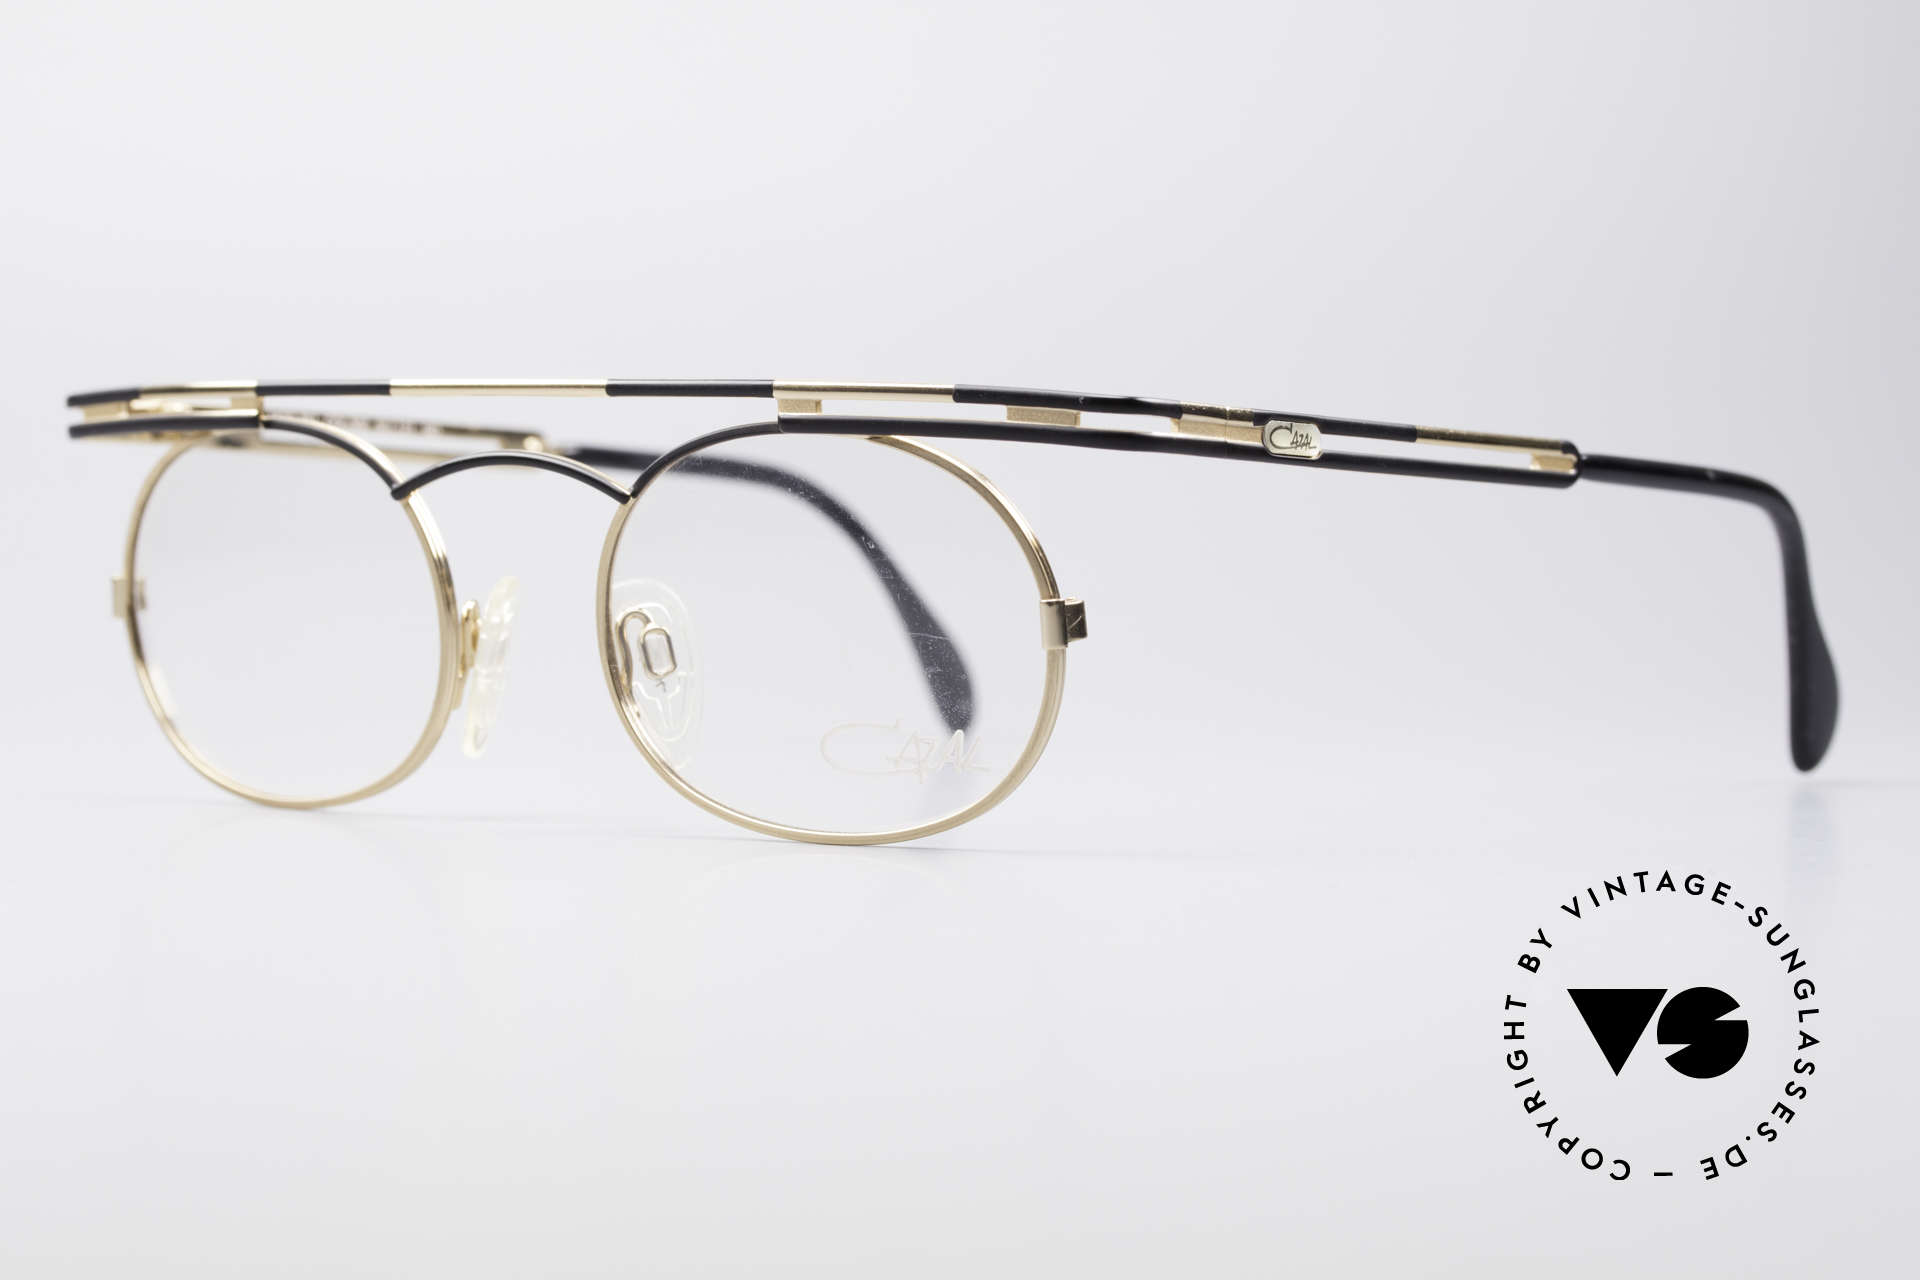 Cazal 761 Vintage Brille KEINE Retrobrille, beste Verarbeitungsqualität 'made in Germany', Passend für Herren und Damen